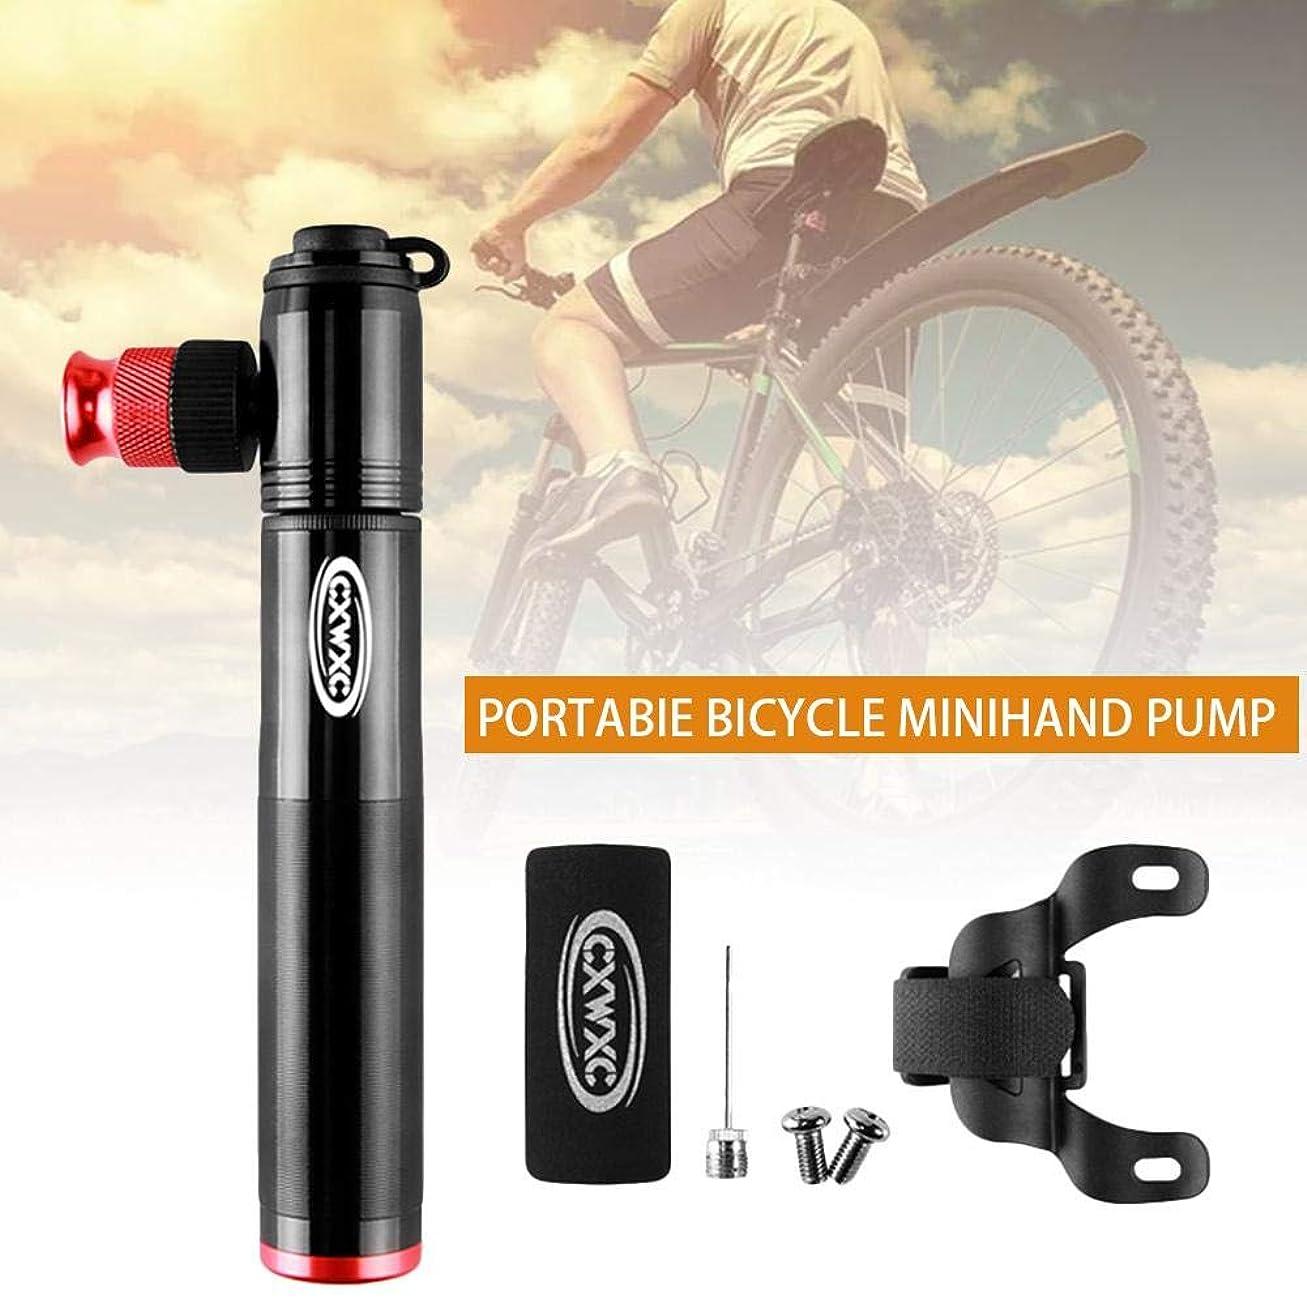 正しい重要過敏な自転車用携帯ミニポンプ 空気入れ 160 PSI ロードバイク?クロスバイク用 高品質アルミ合金 耐食性 耐用 防水 インストールが簡単